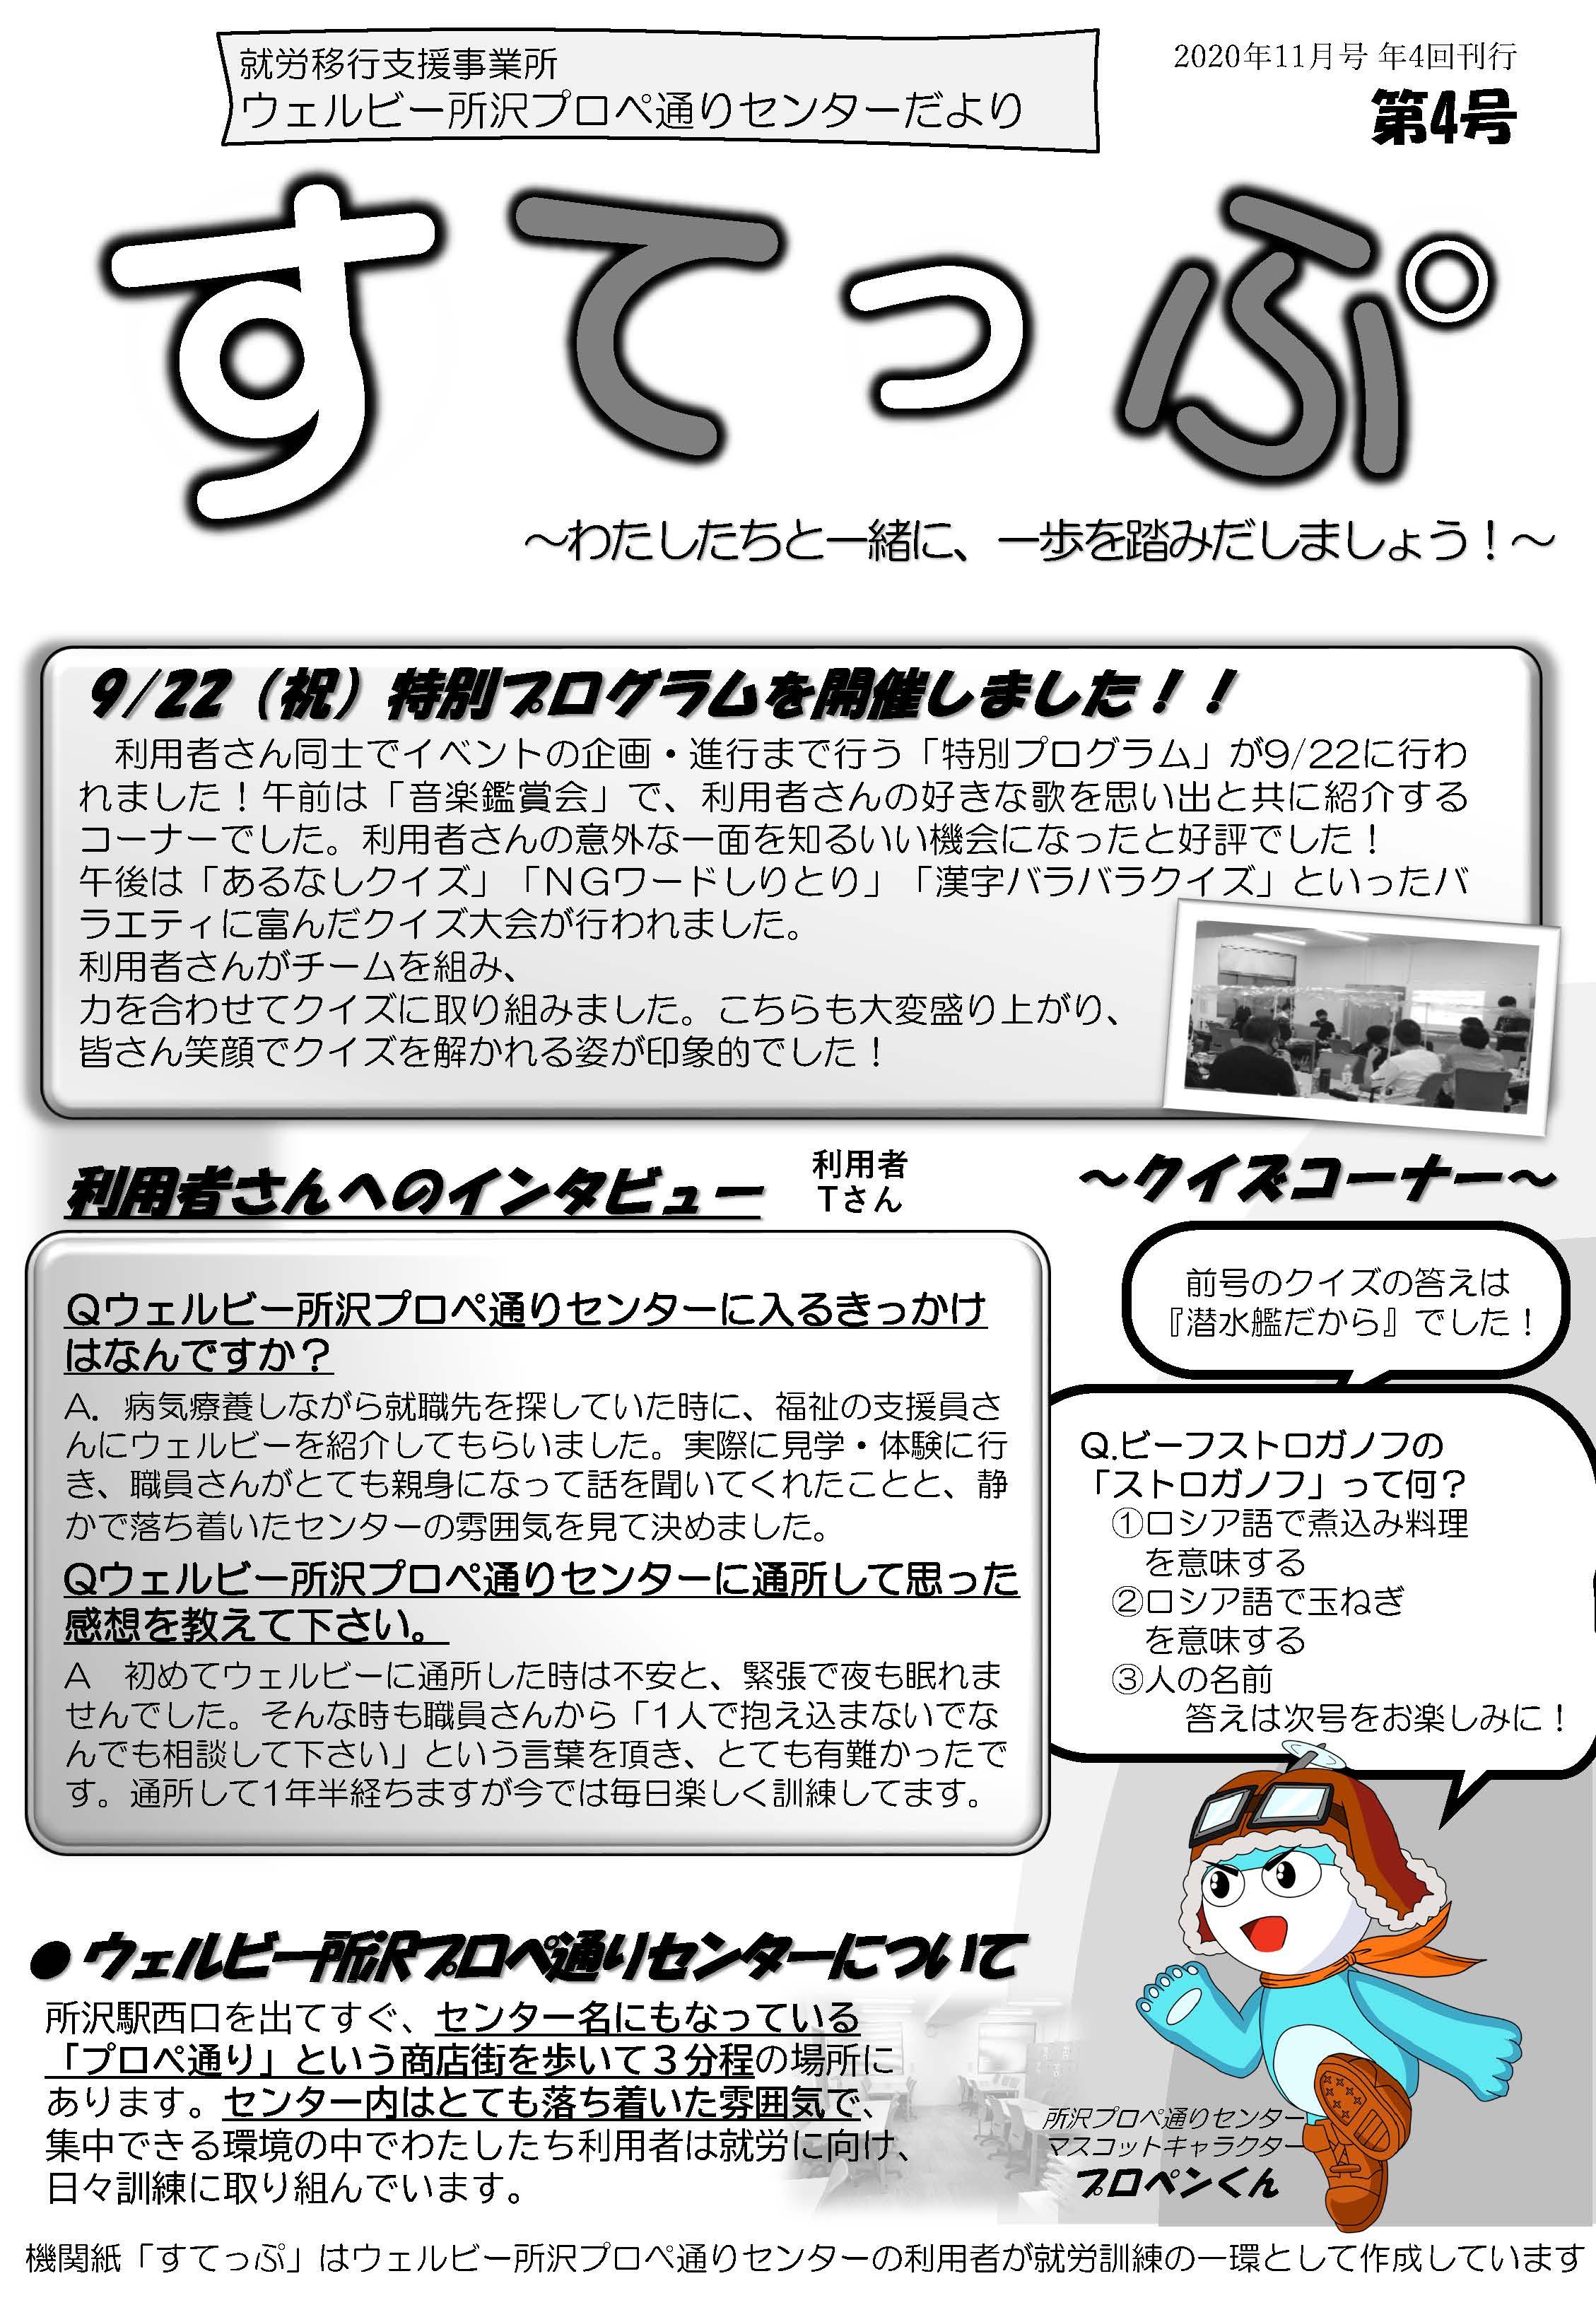 すてっぷ第4号_完成(ブログ用)1104_ページ_1